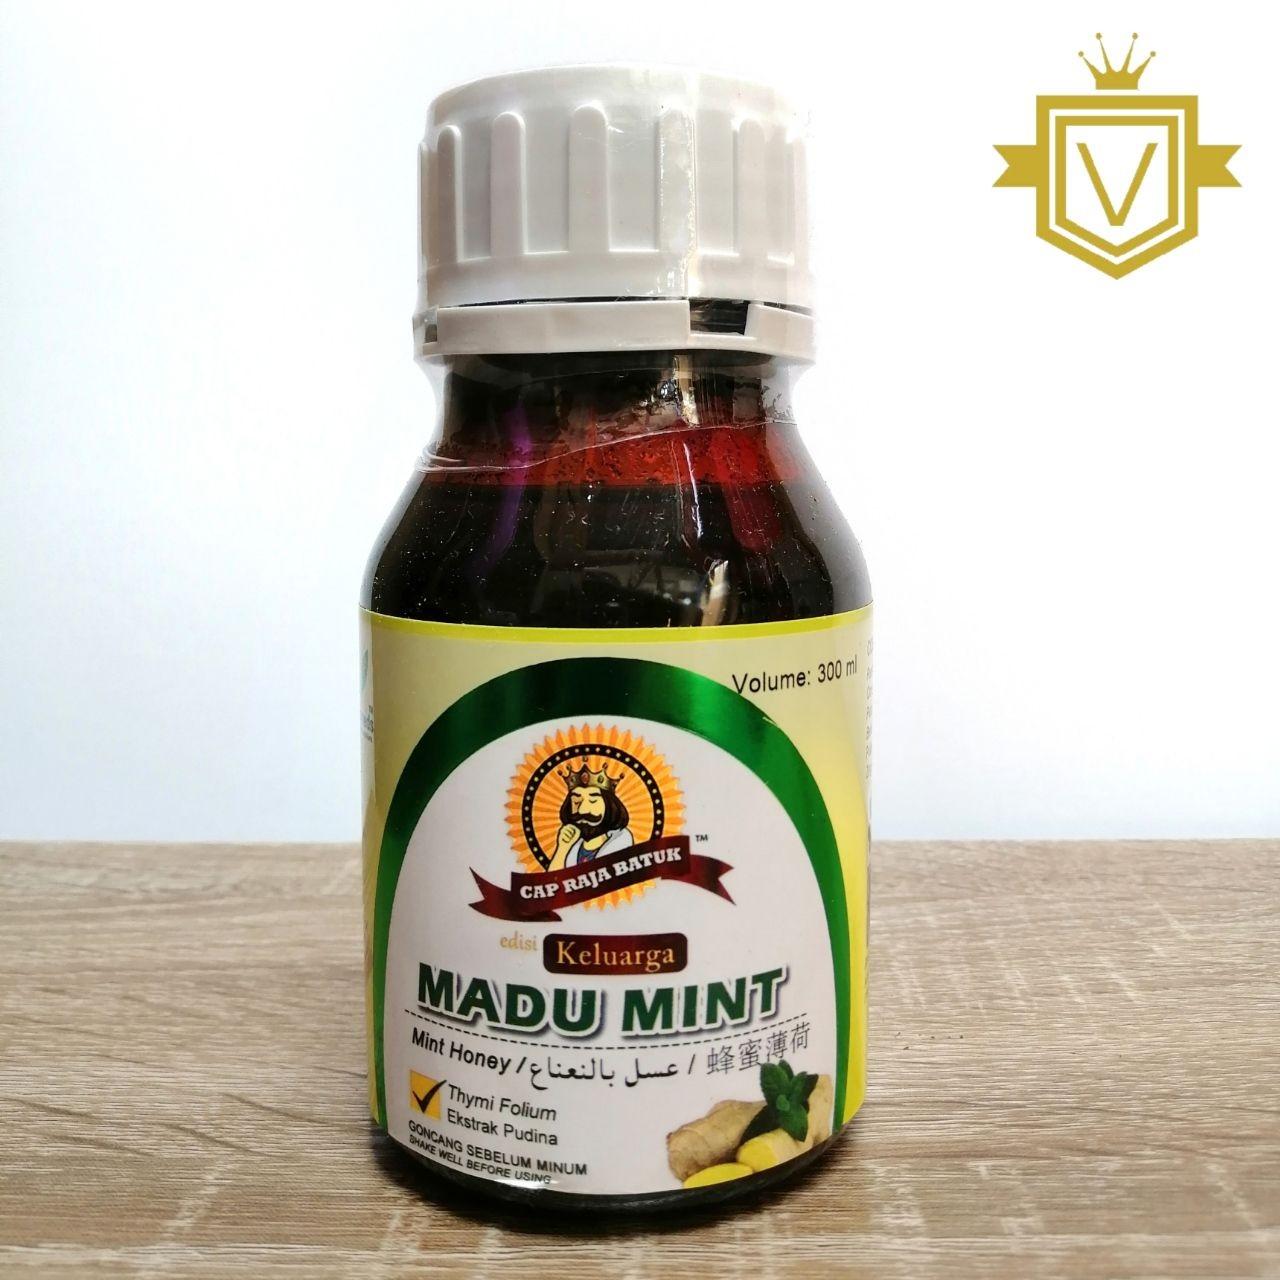 Gambar Madu Mint | 300ml